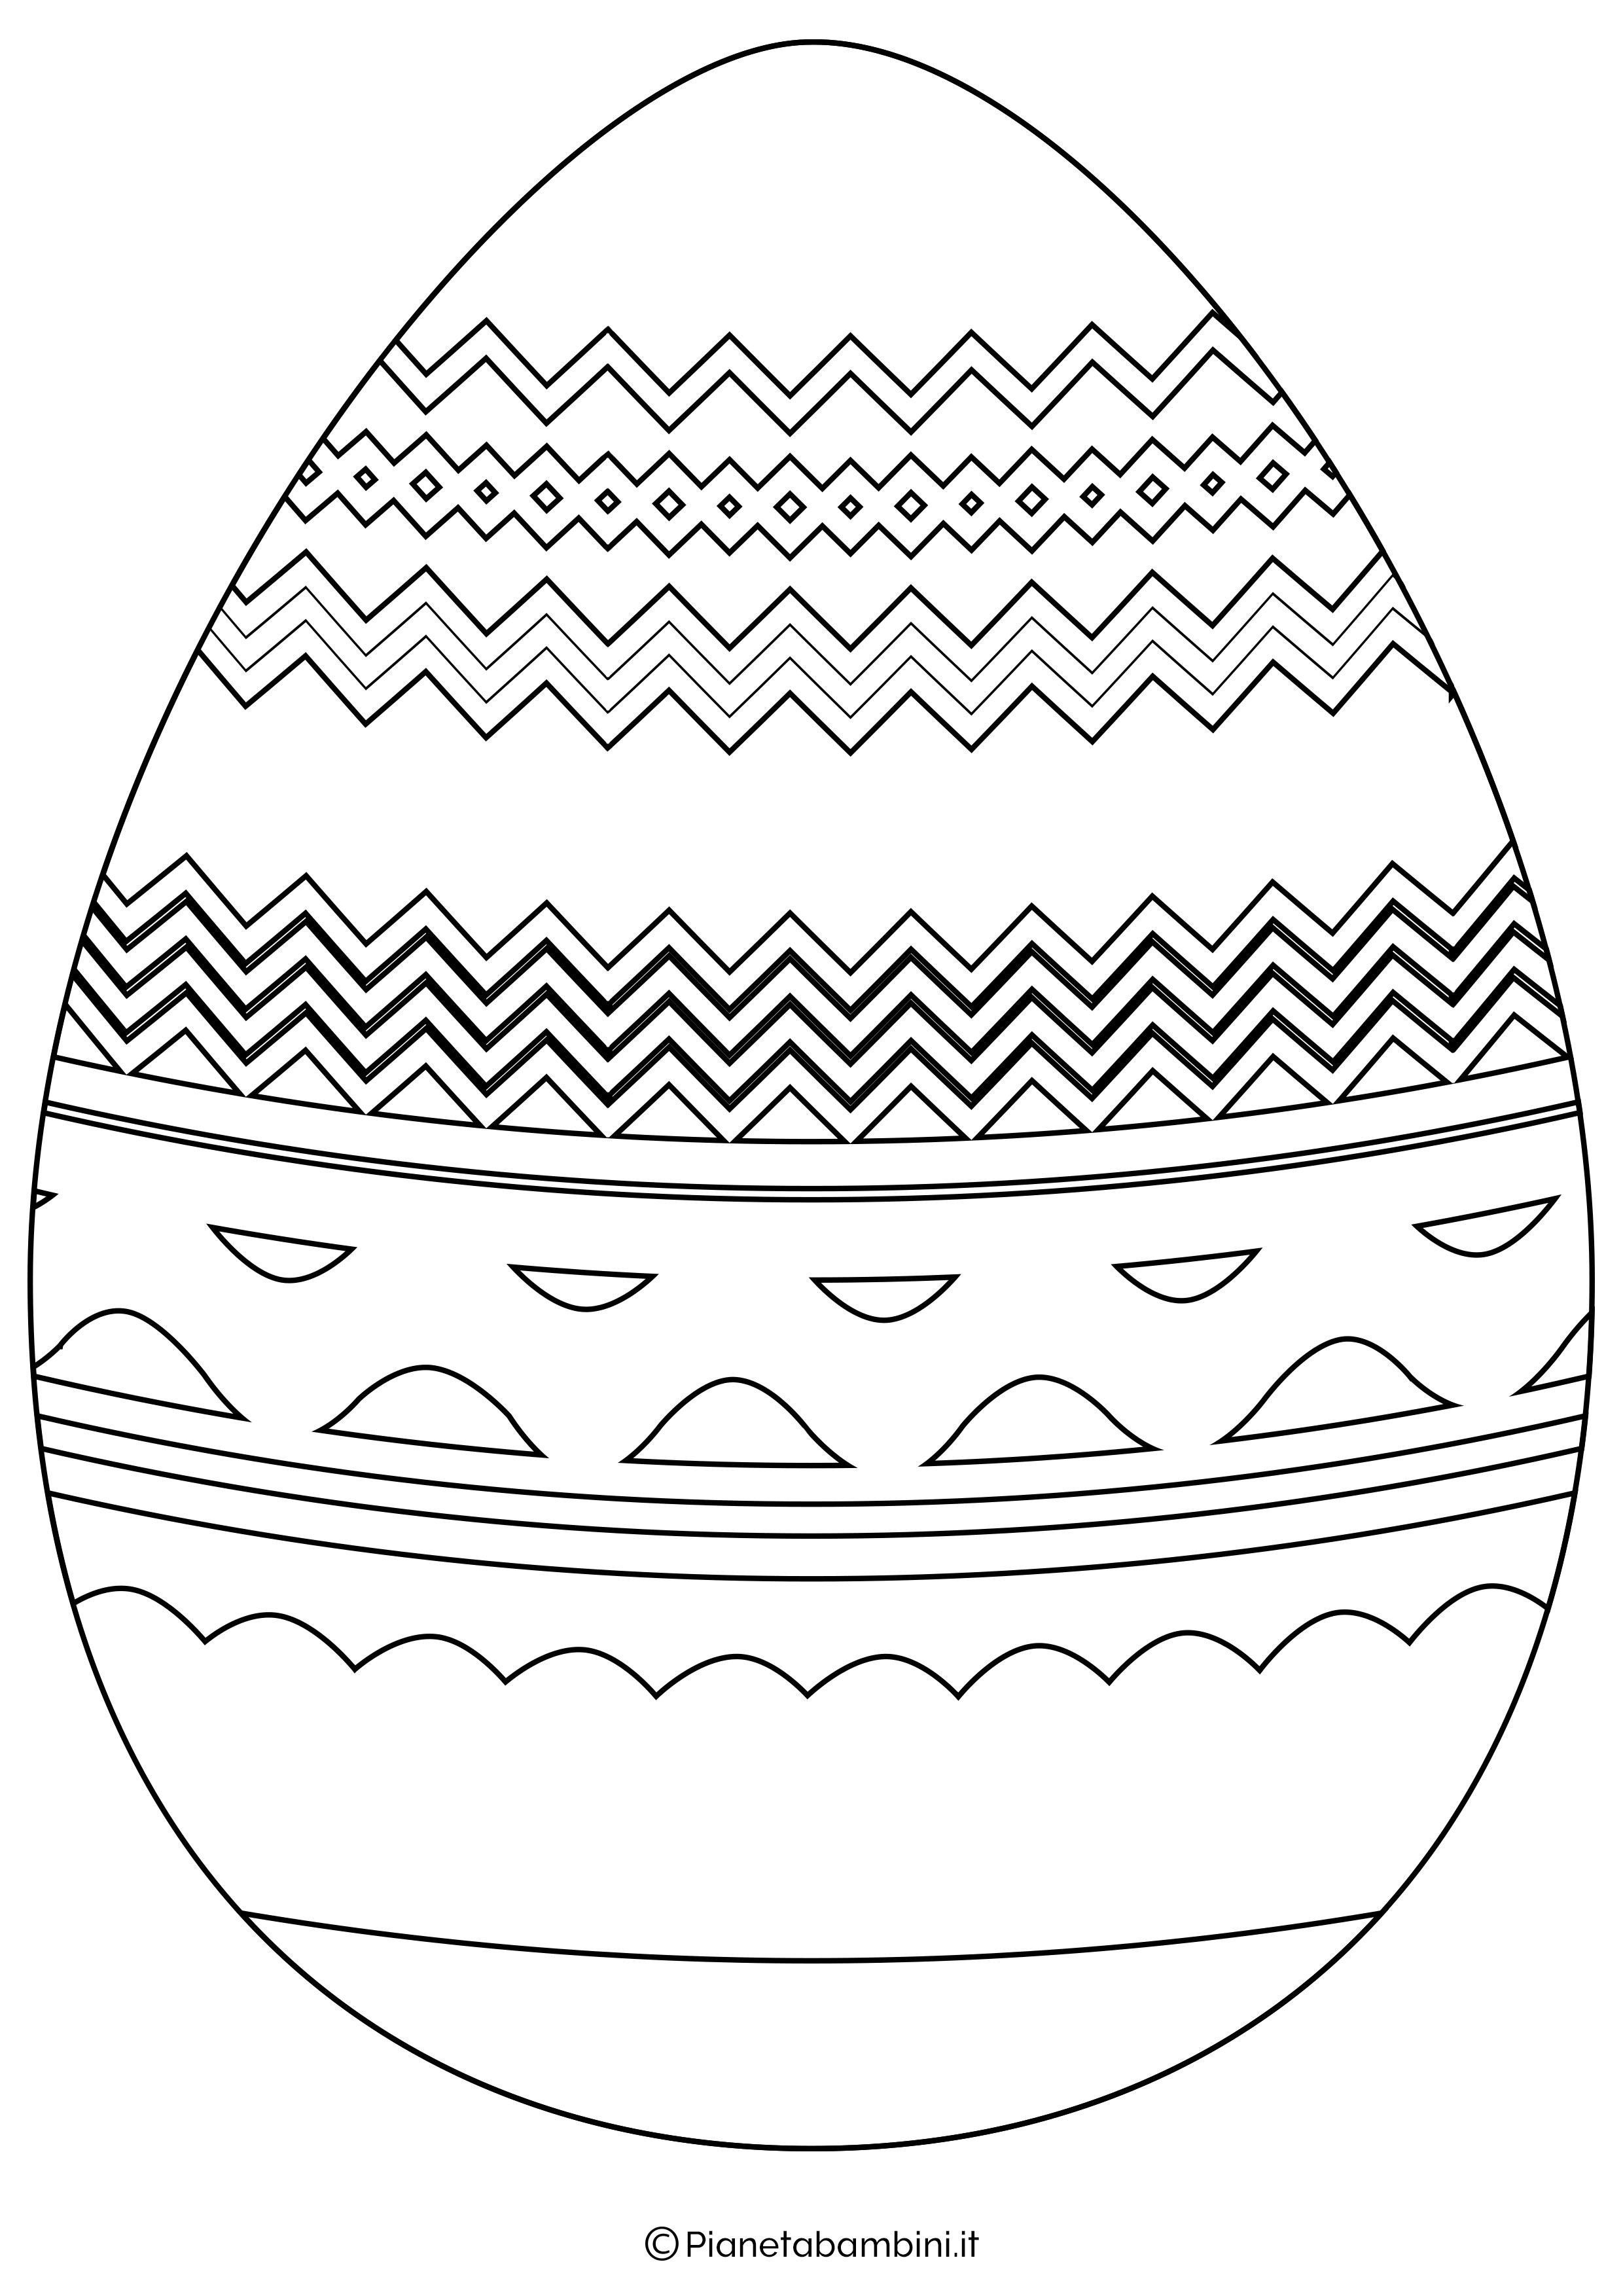 Disegno-Uova-Pasqua-06